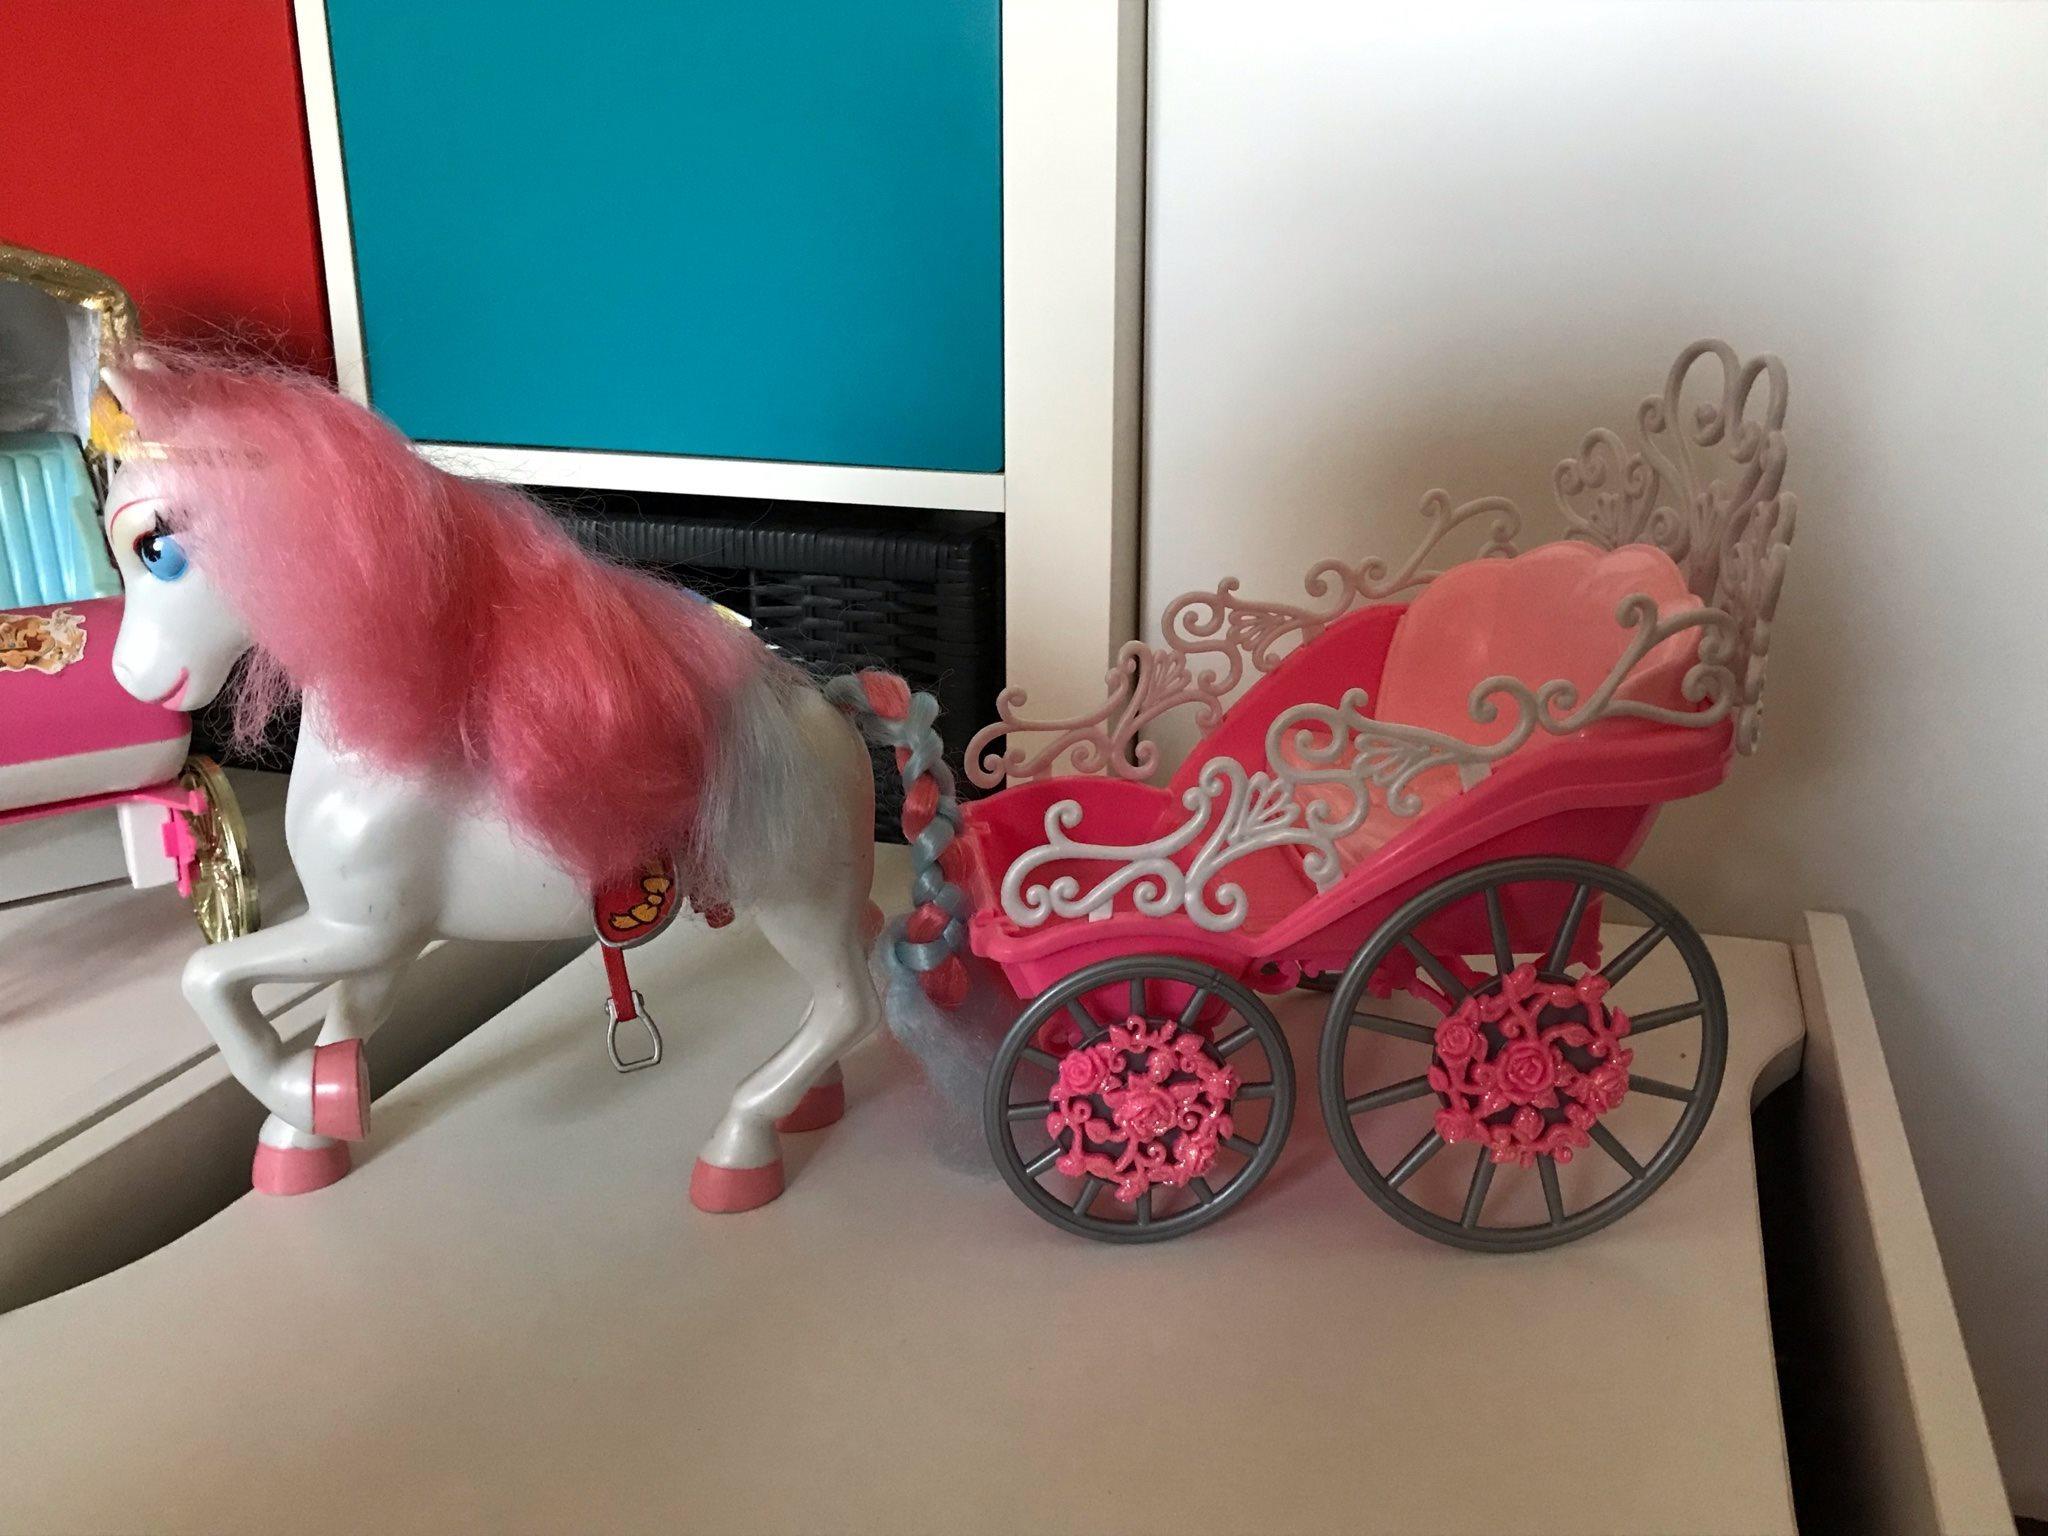 Barbie vagn vagn vagn med häst 8da5f9